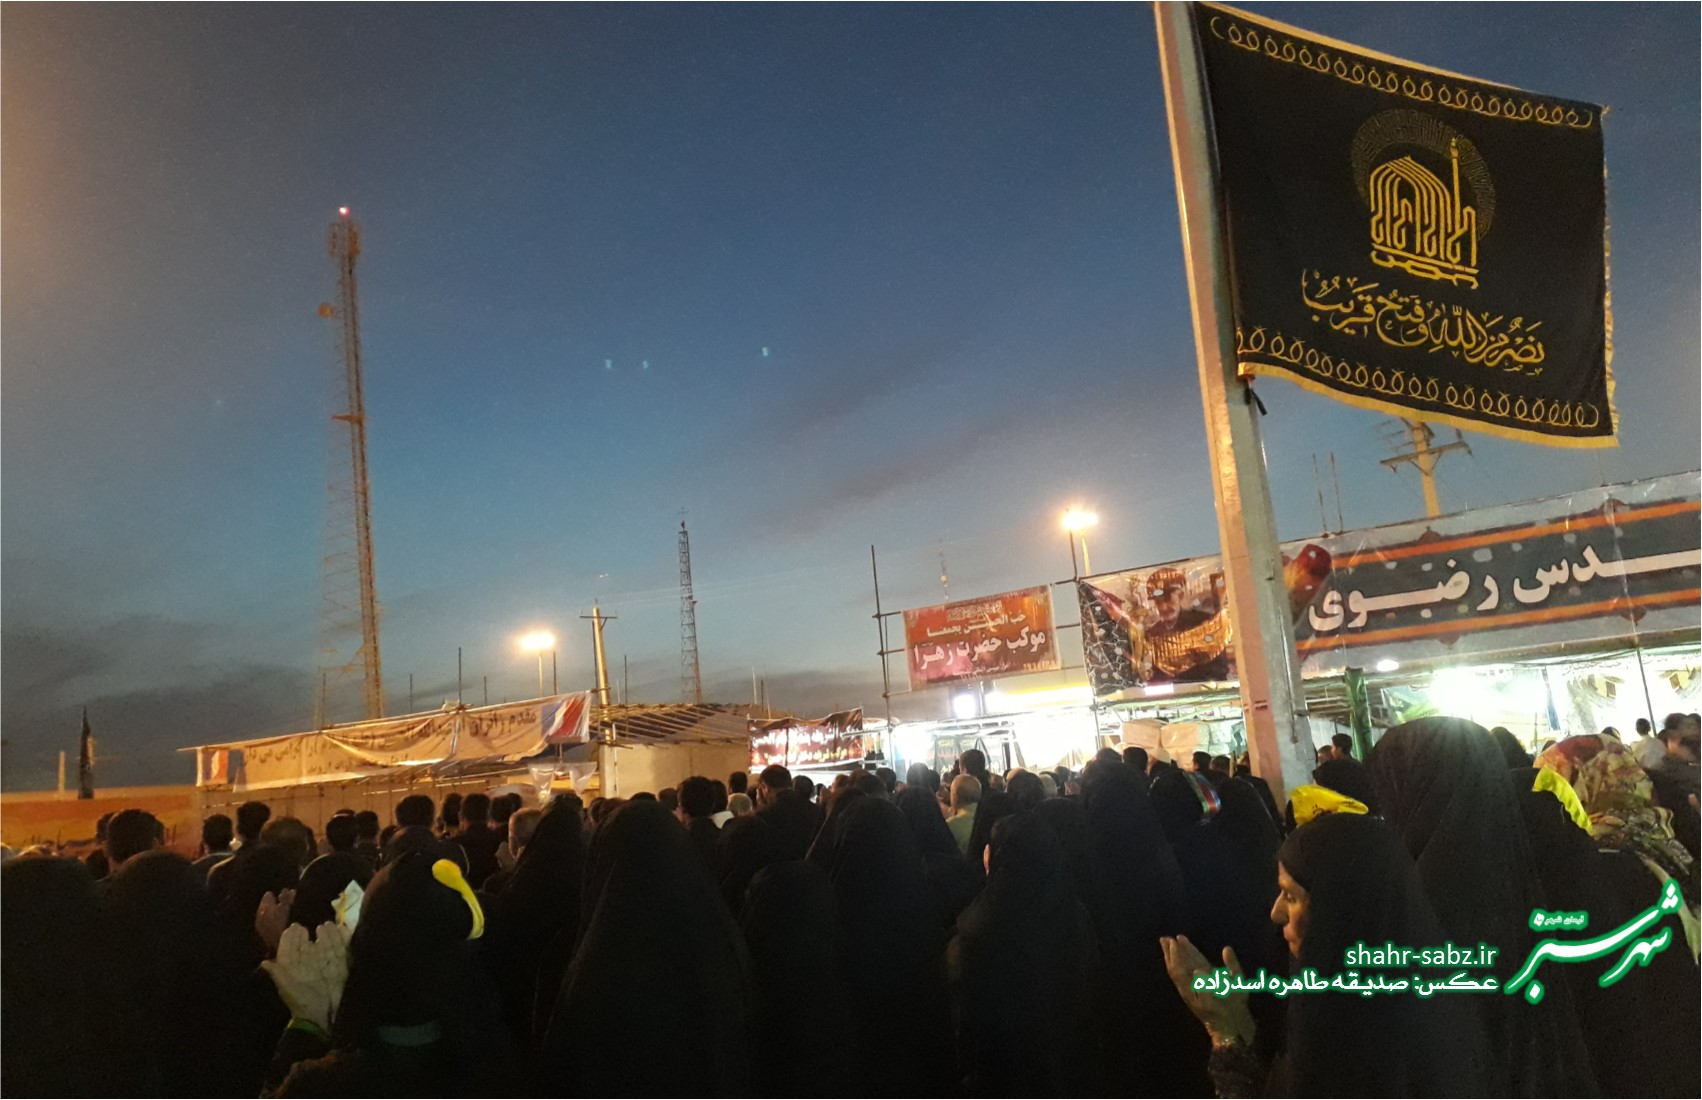 راهپیمایی اربعین حسینی/ آبان ماه 1397/ عکس: صدیقه طاهره اسدزاده